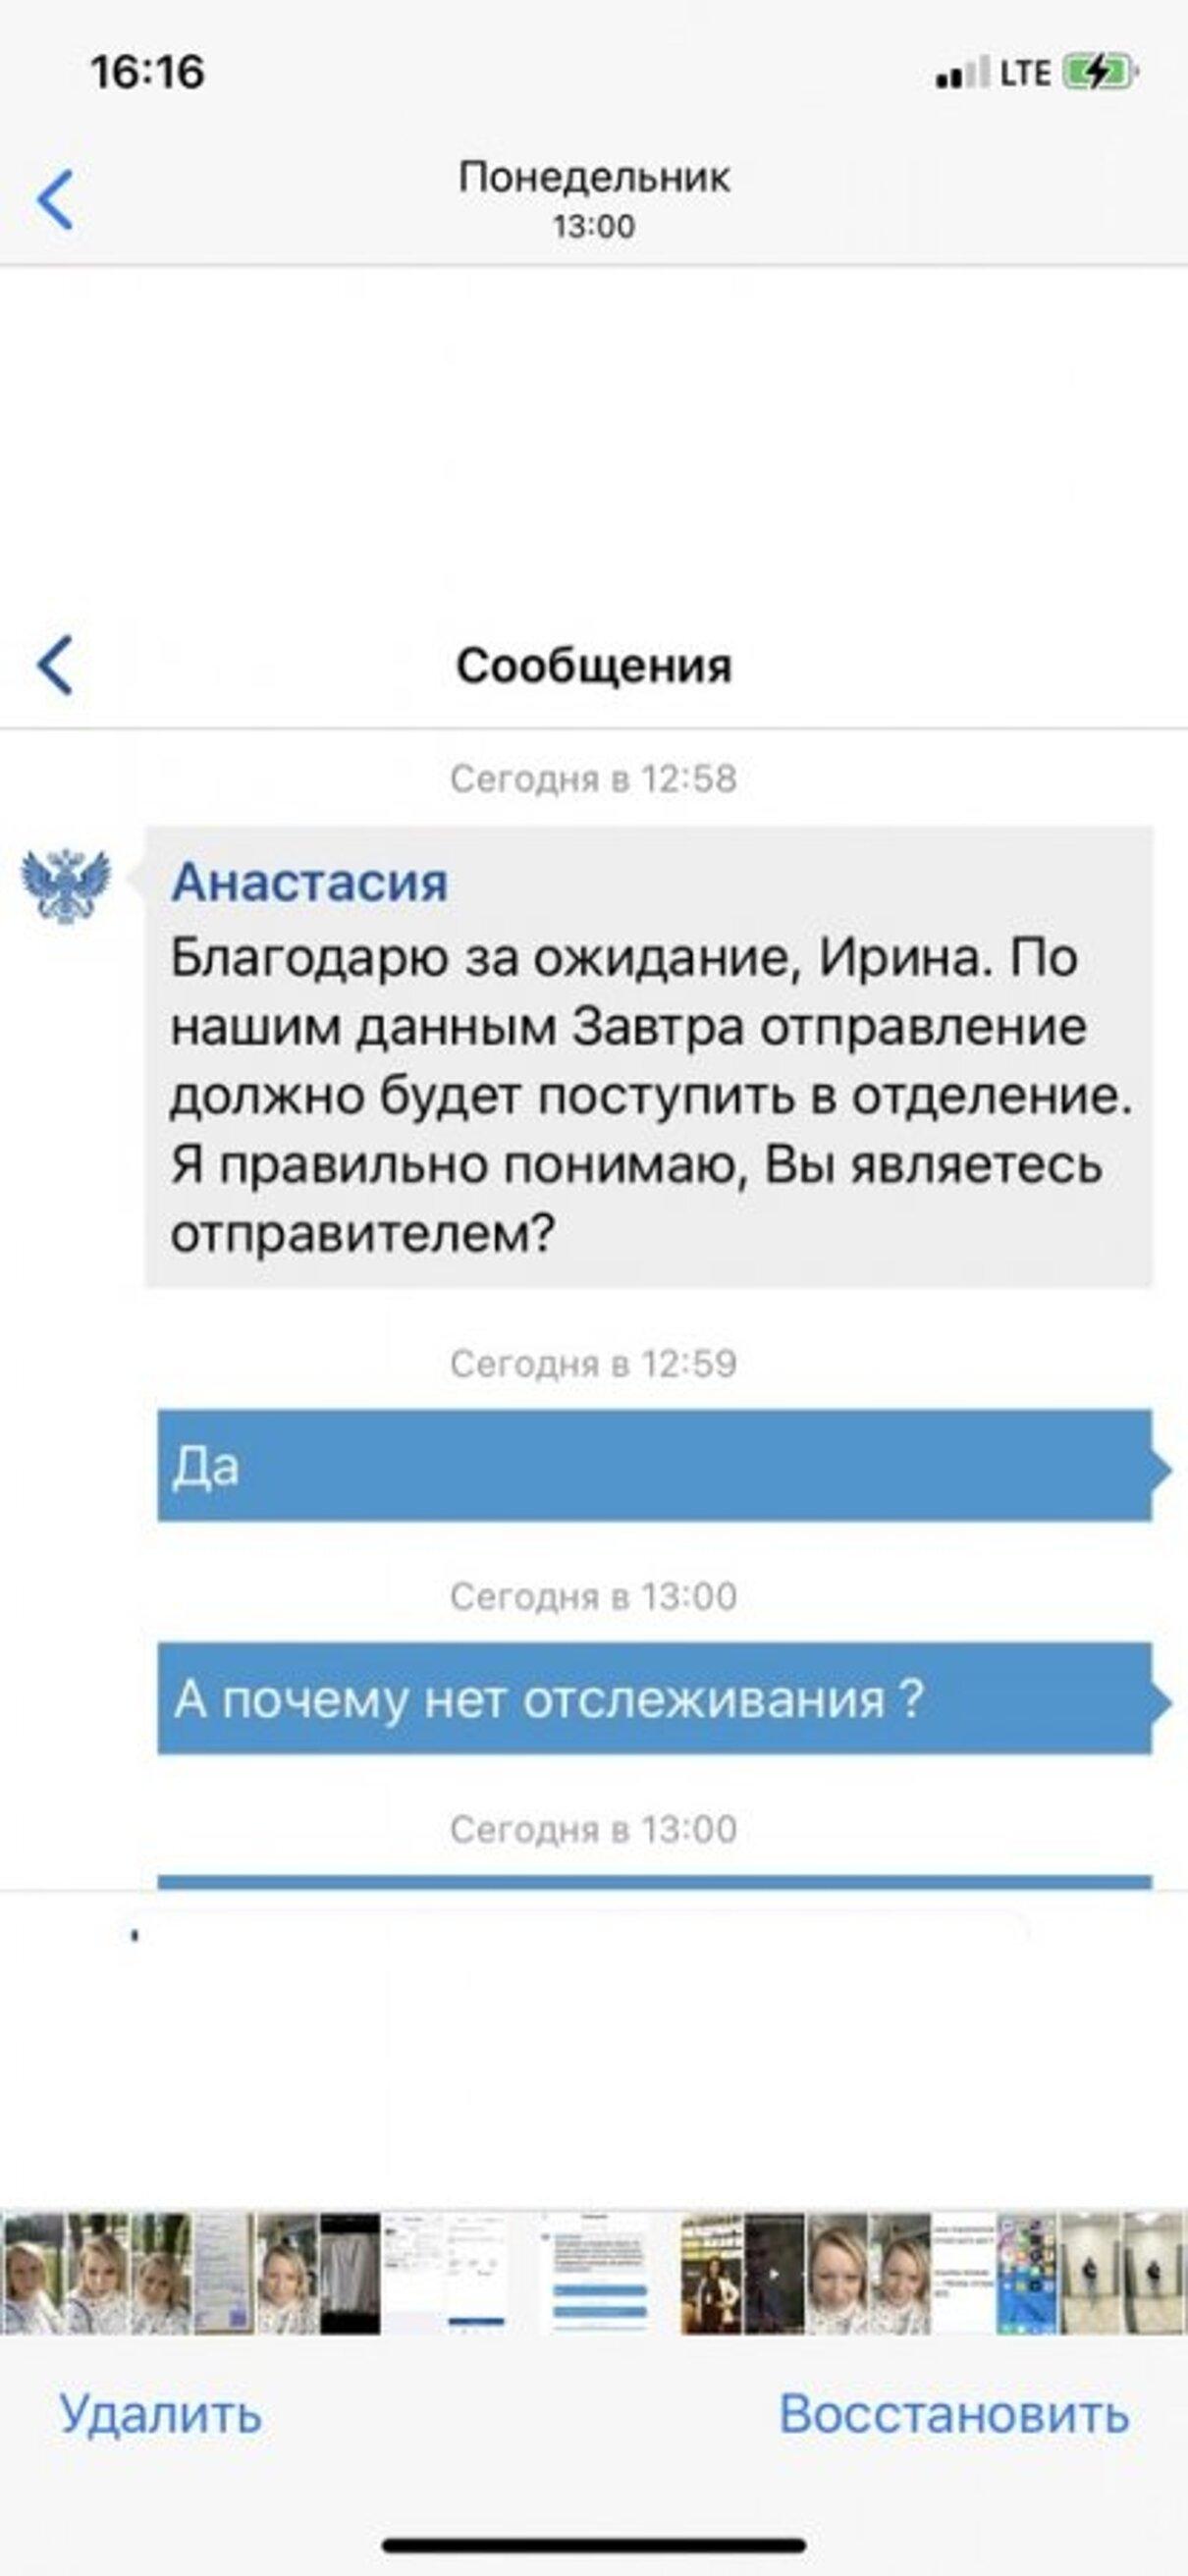 Жалоба-отзыв: Почта России - Хамское отношение.  Фото №3